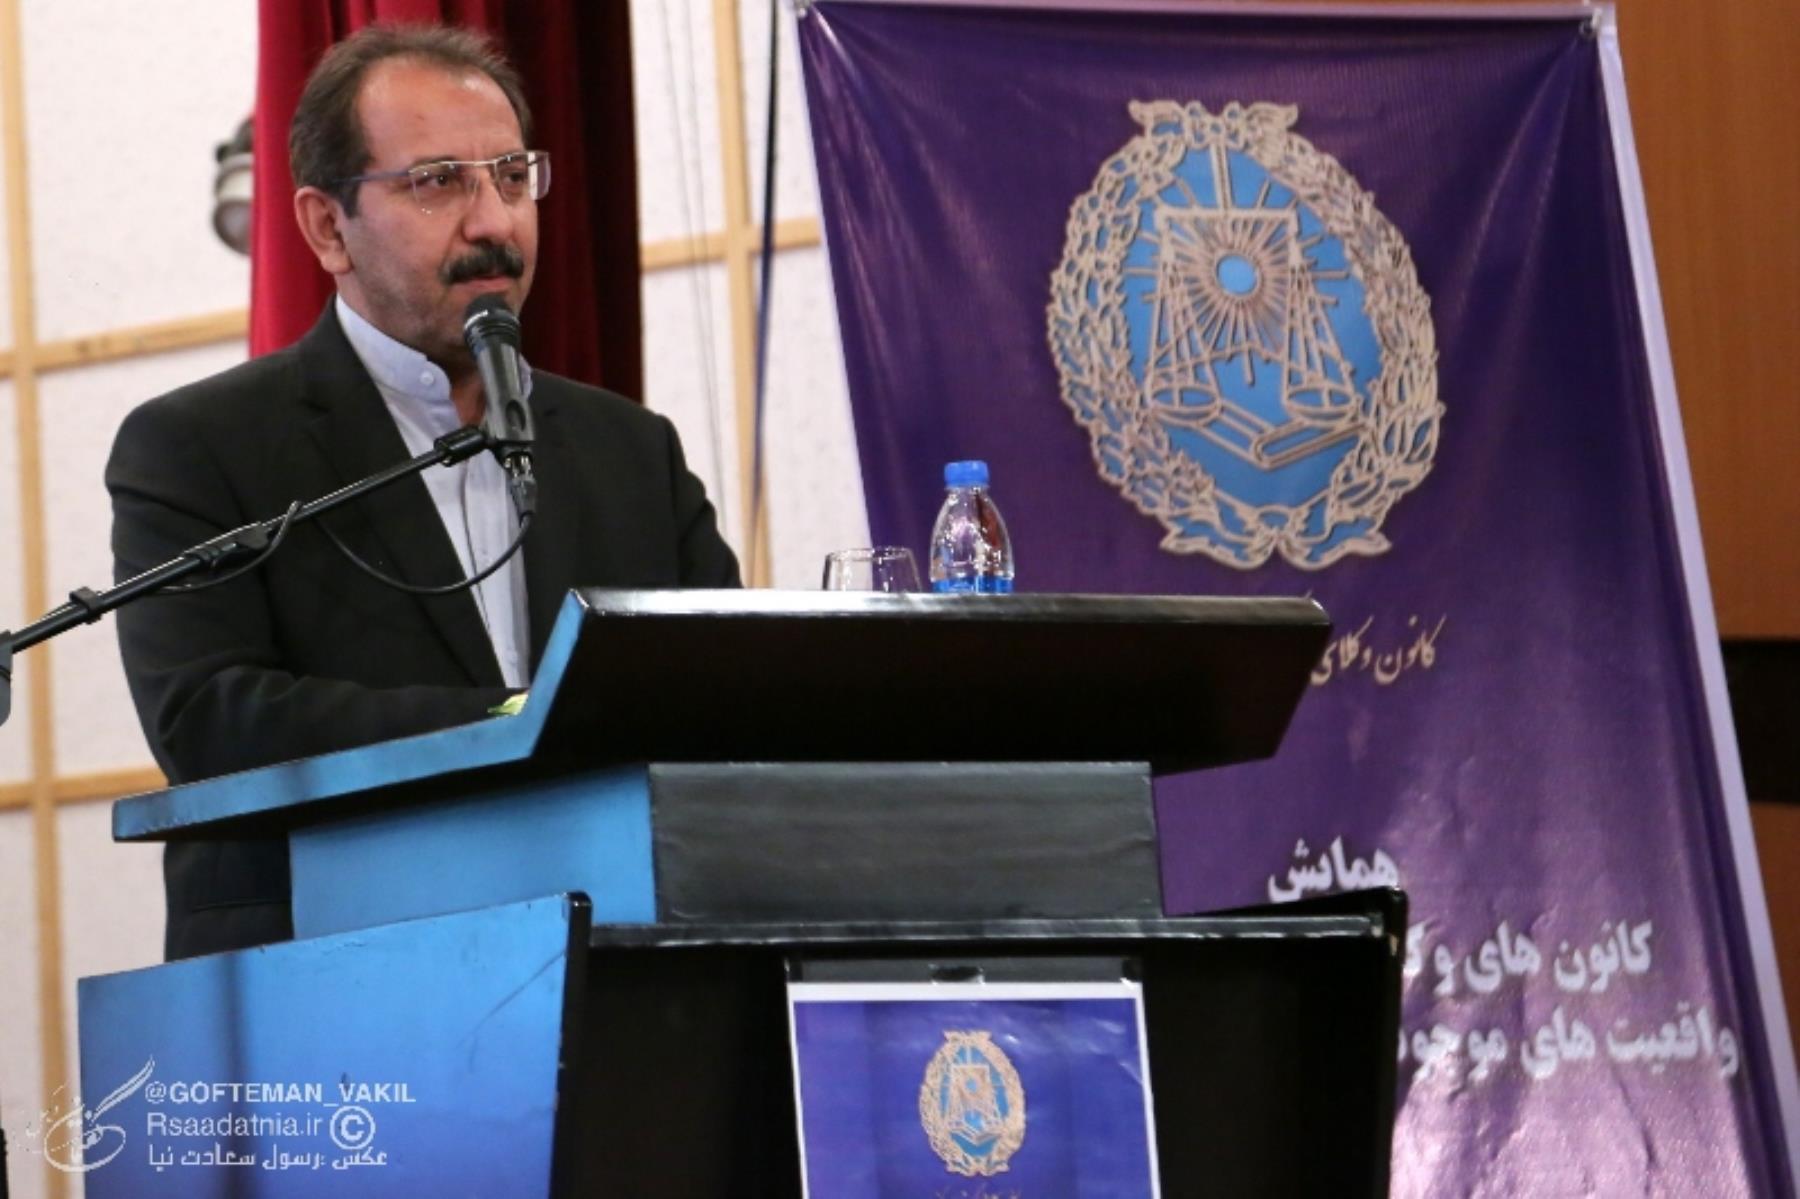 حسین رضا زاده عضو کمیسیون قضائی مجلس